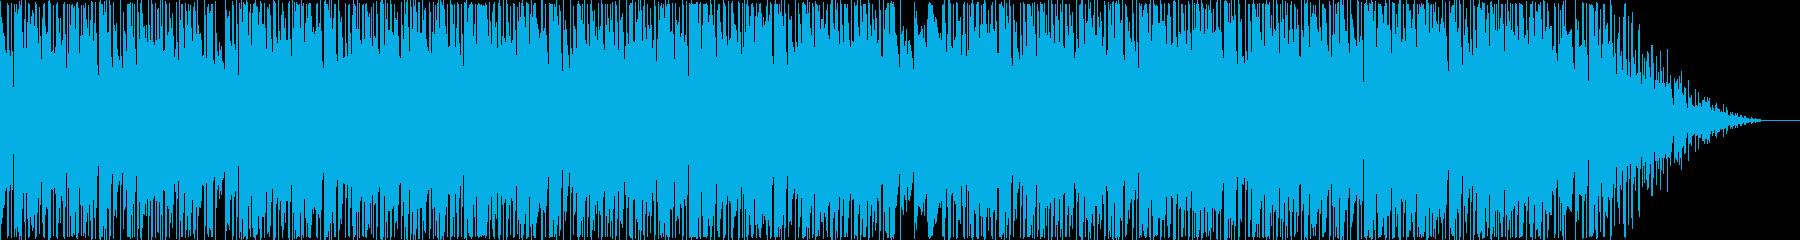 妖しく切ない雰囲気のヒップホップビートの再生済みの波形